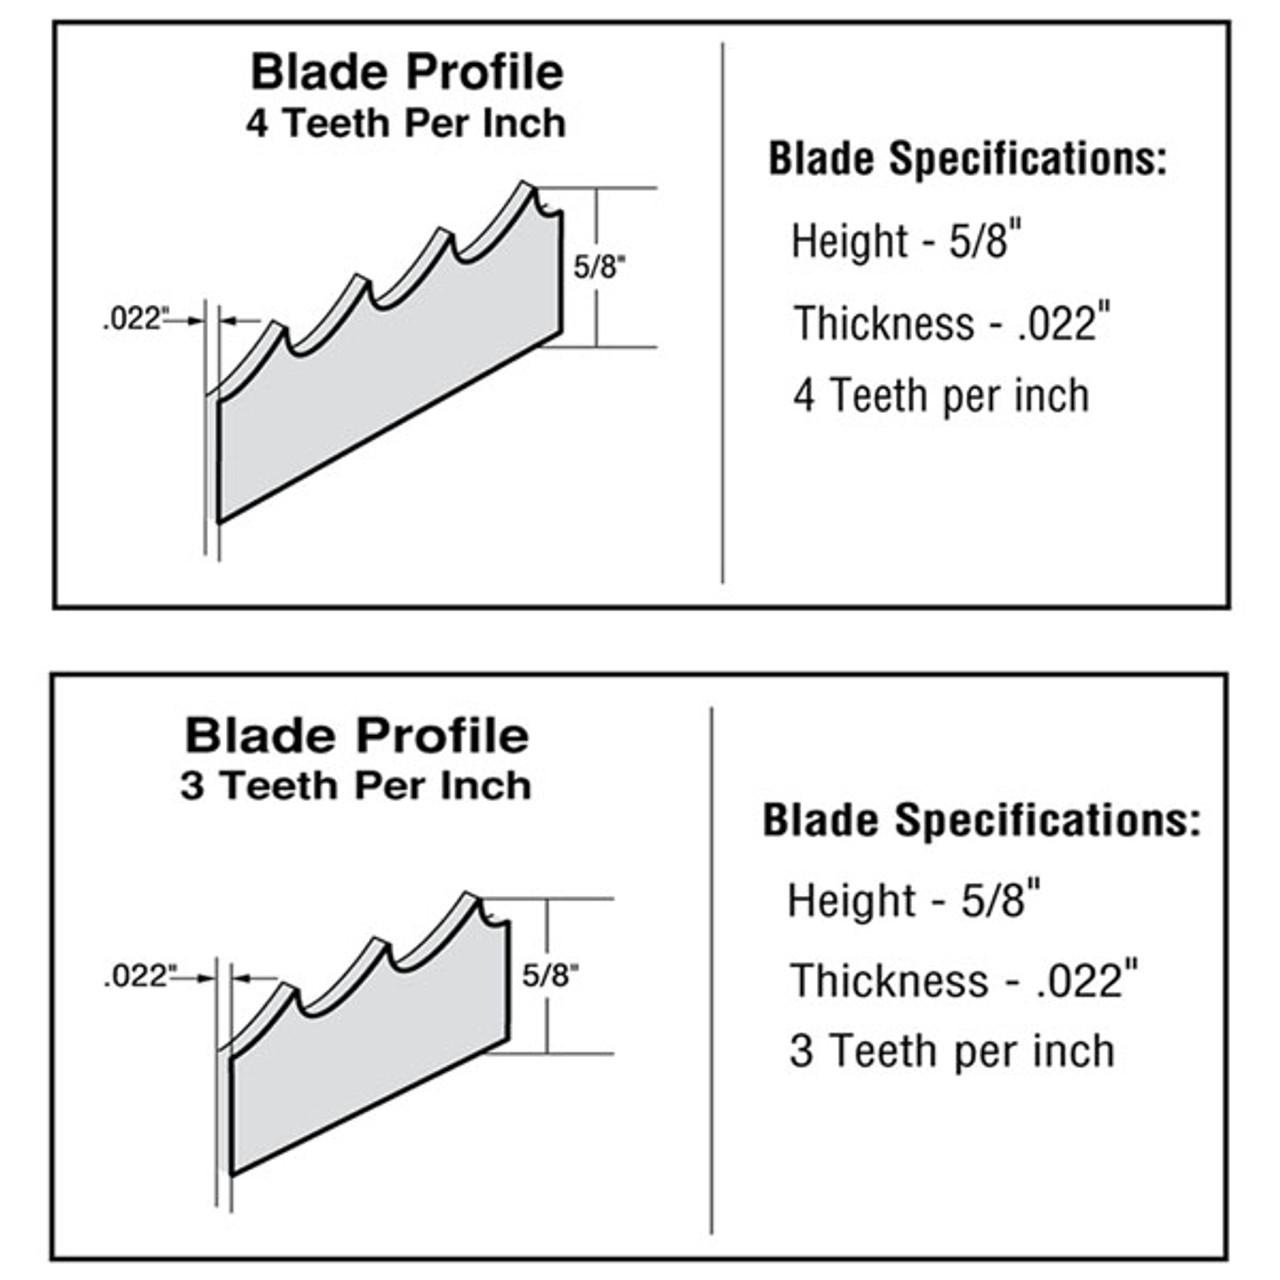 135'' Meat Band Saw Blades - Biro 44 & U.S. Berkel - 5, JR